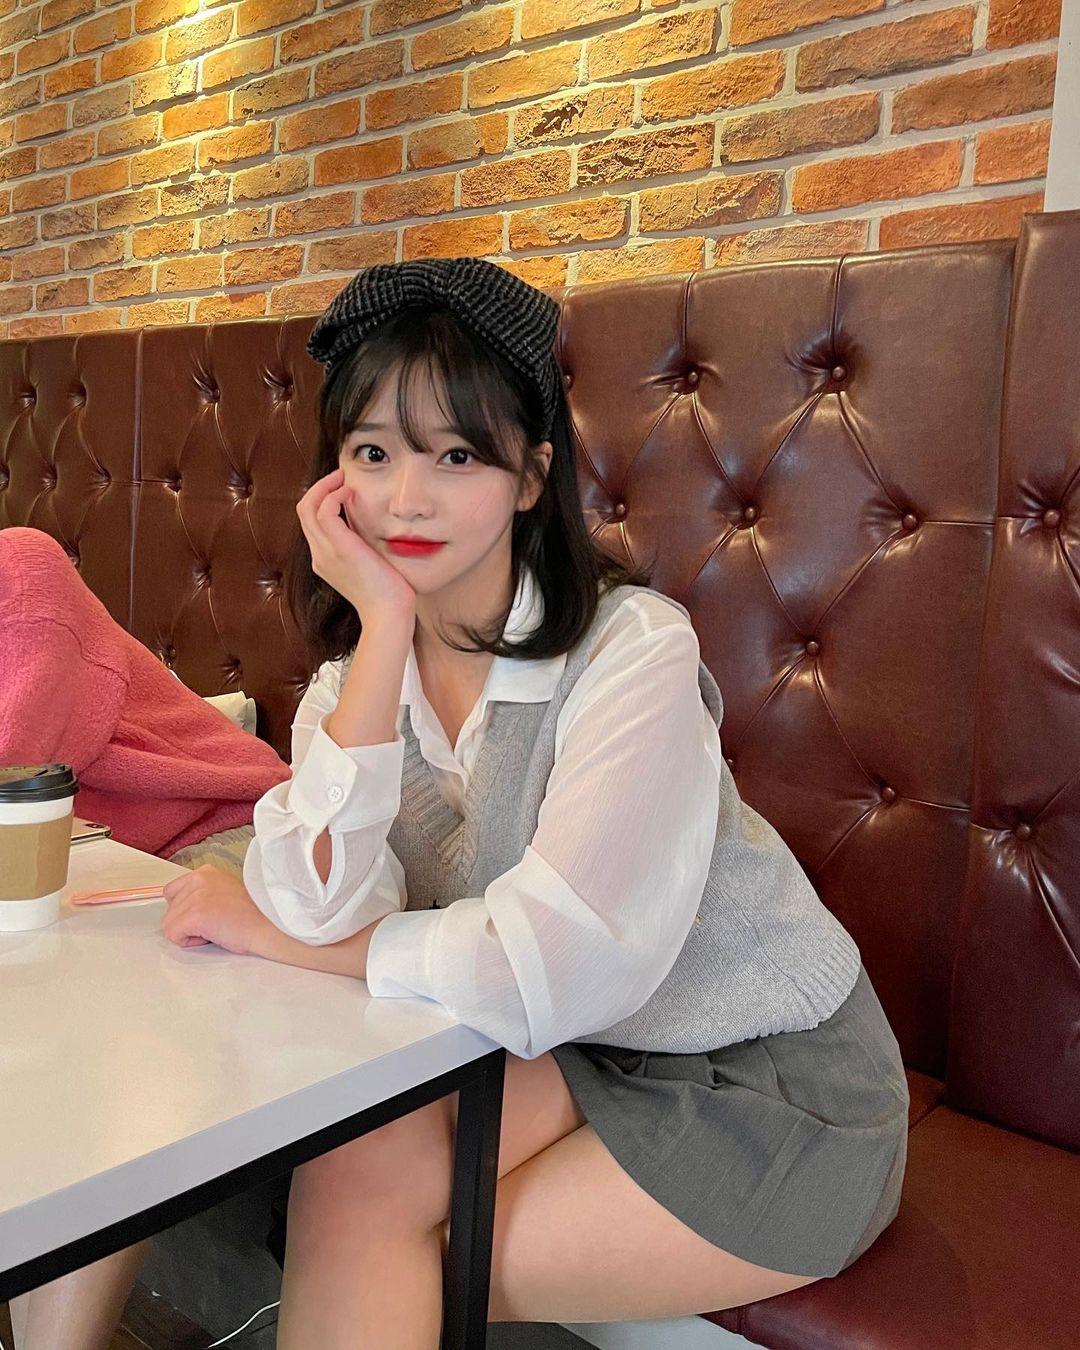 【画像】韓国のJK、細いのにムチムチしてるw